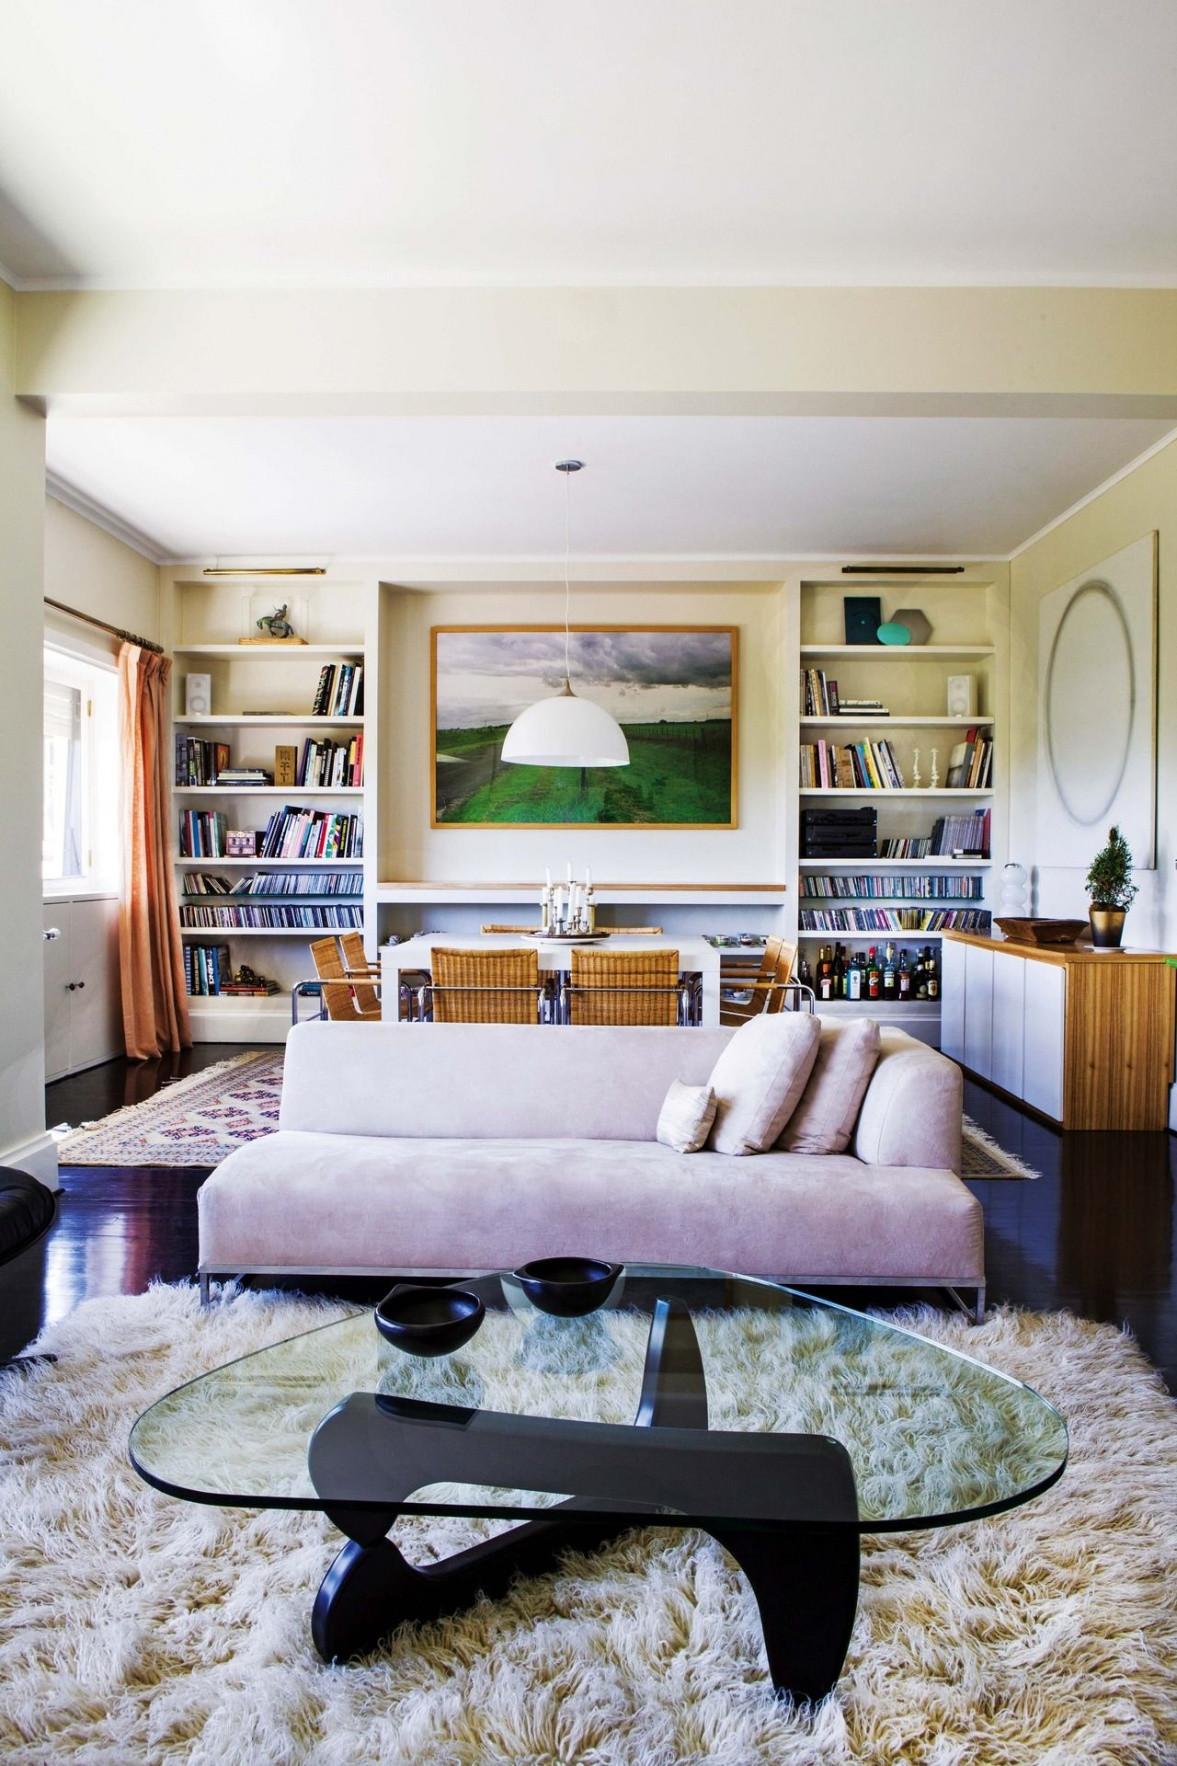 bases de vidrio para centros de mesa of centros de mesa modernos para casa psicologiaymediacion inside living moderno en colores tenues en la casa de la galerista orly benzacar en el